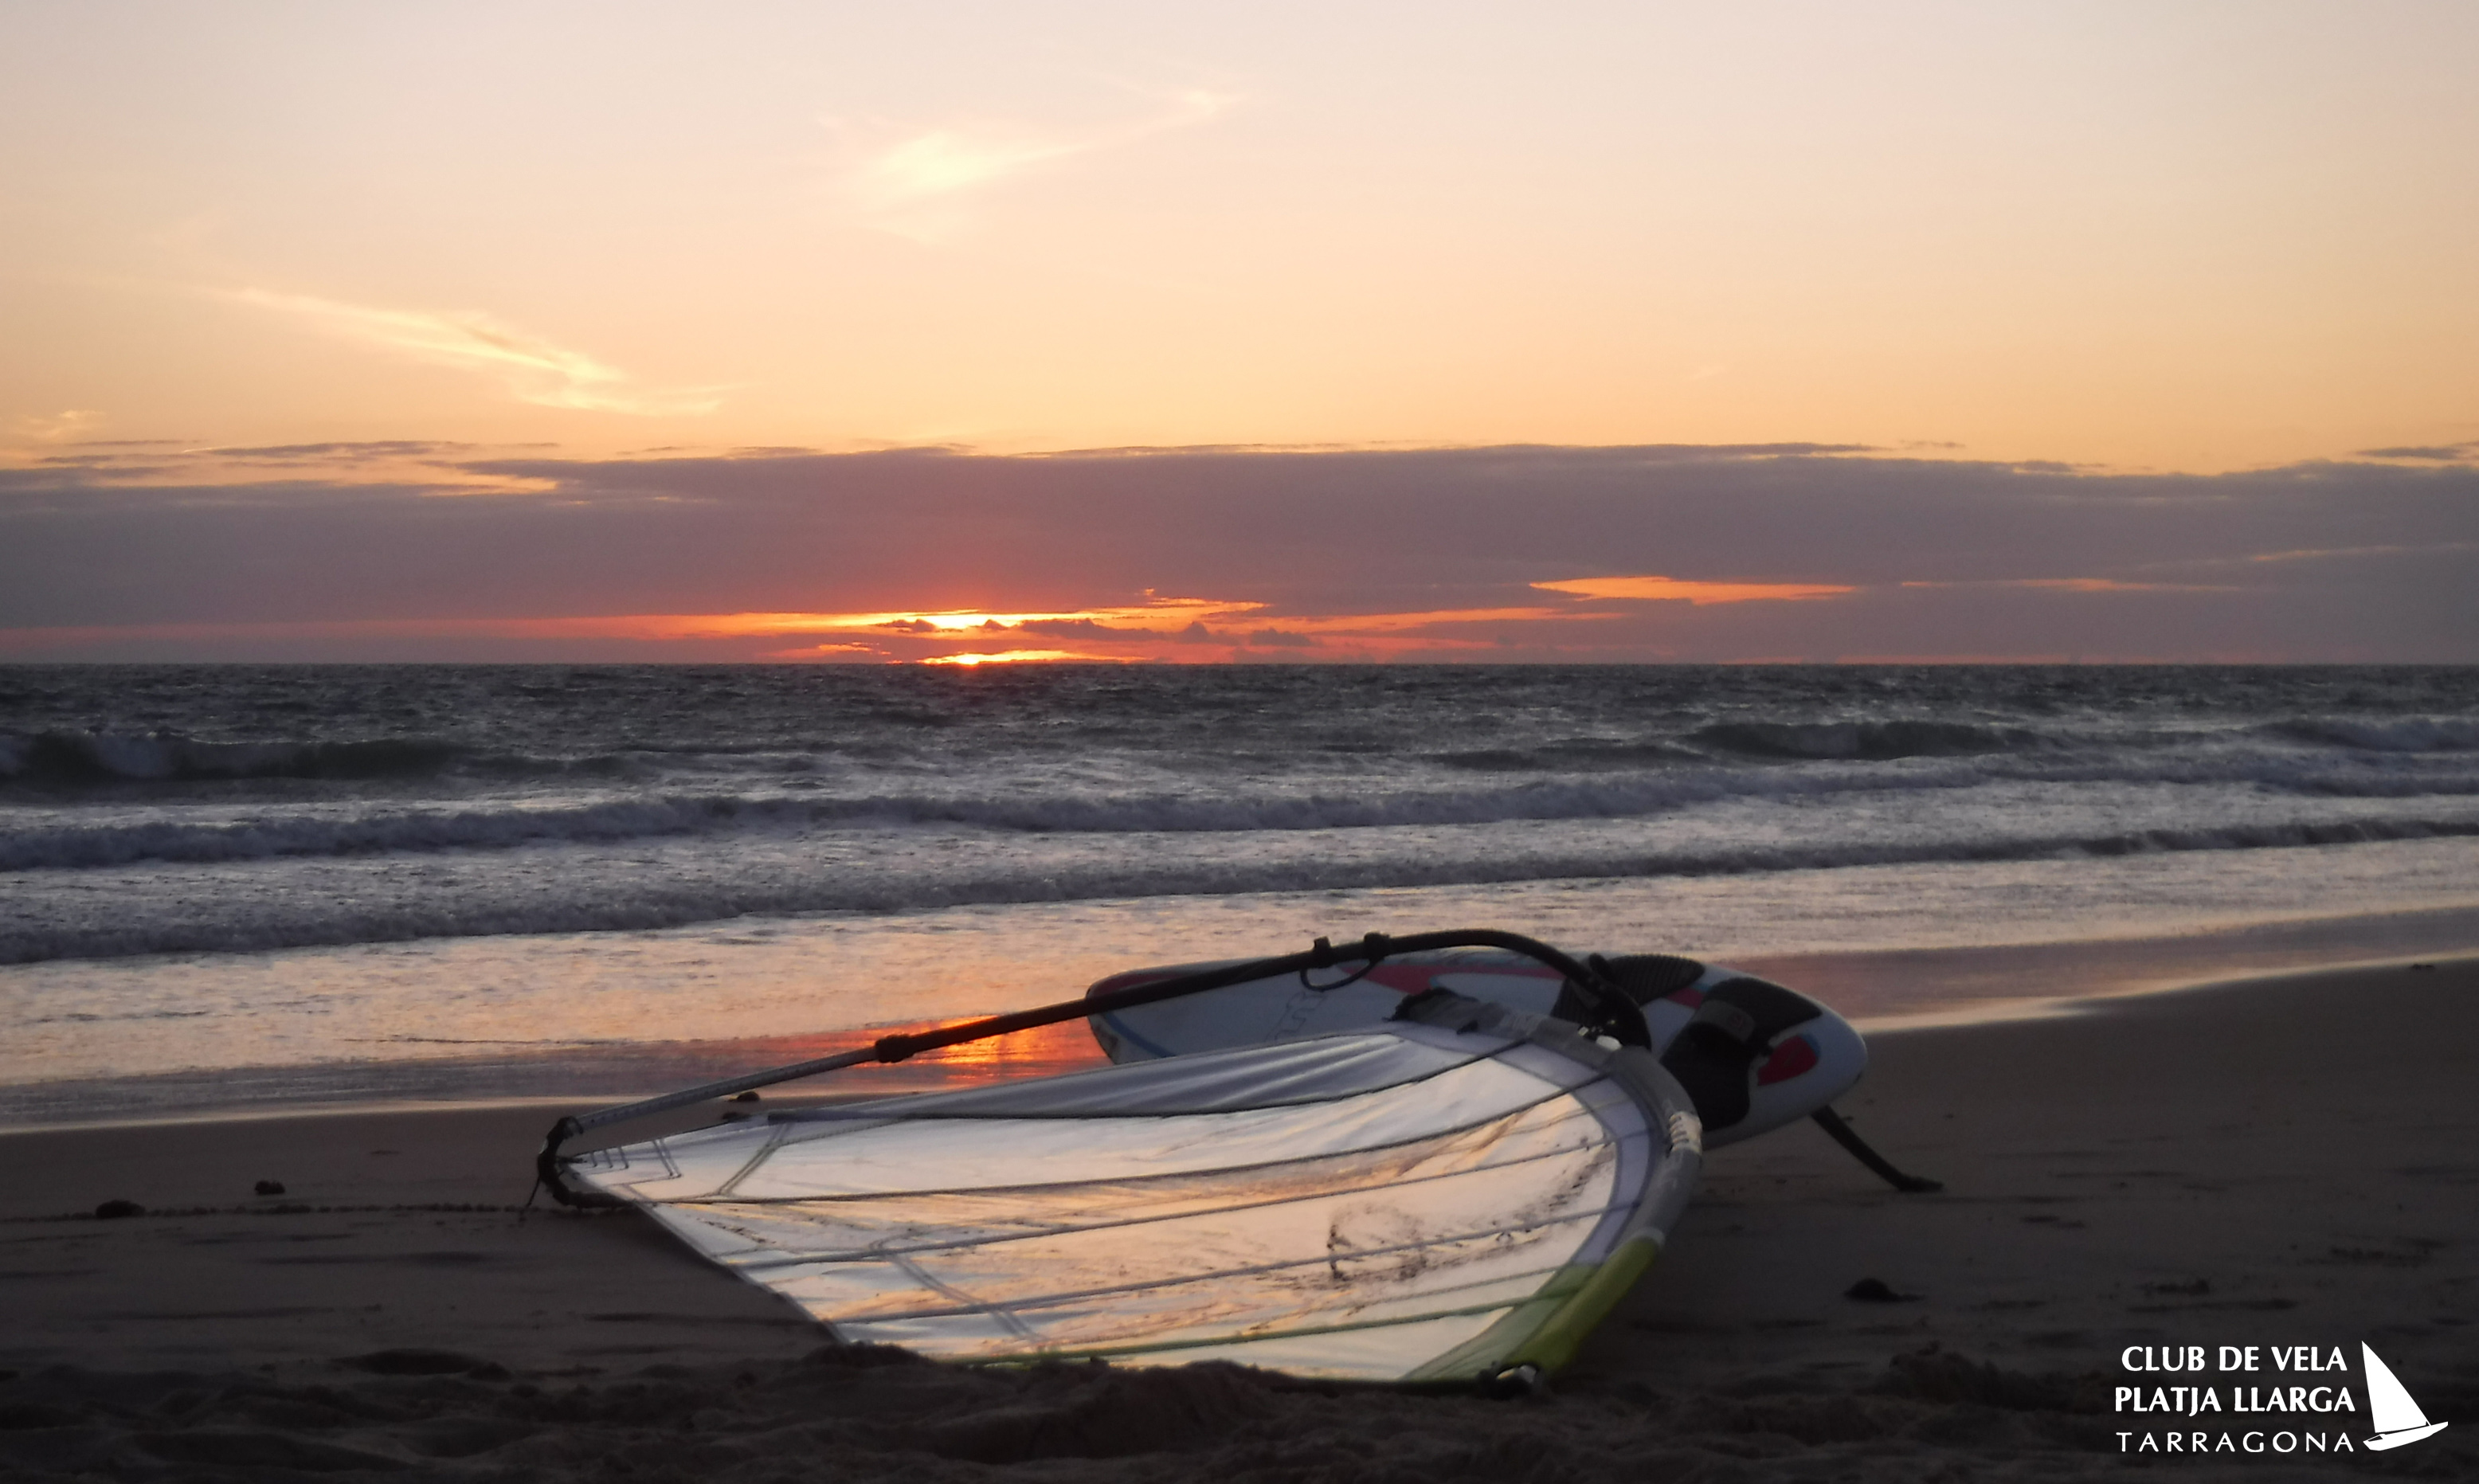 windsurf & sunset at Tarifa